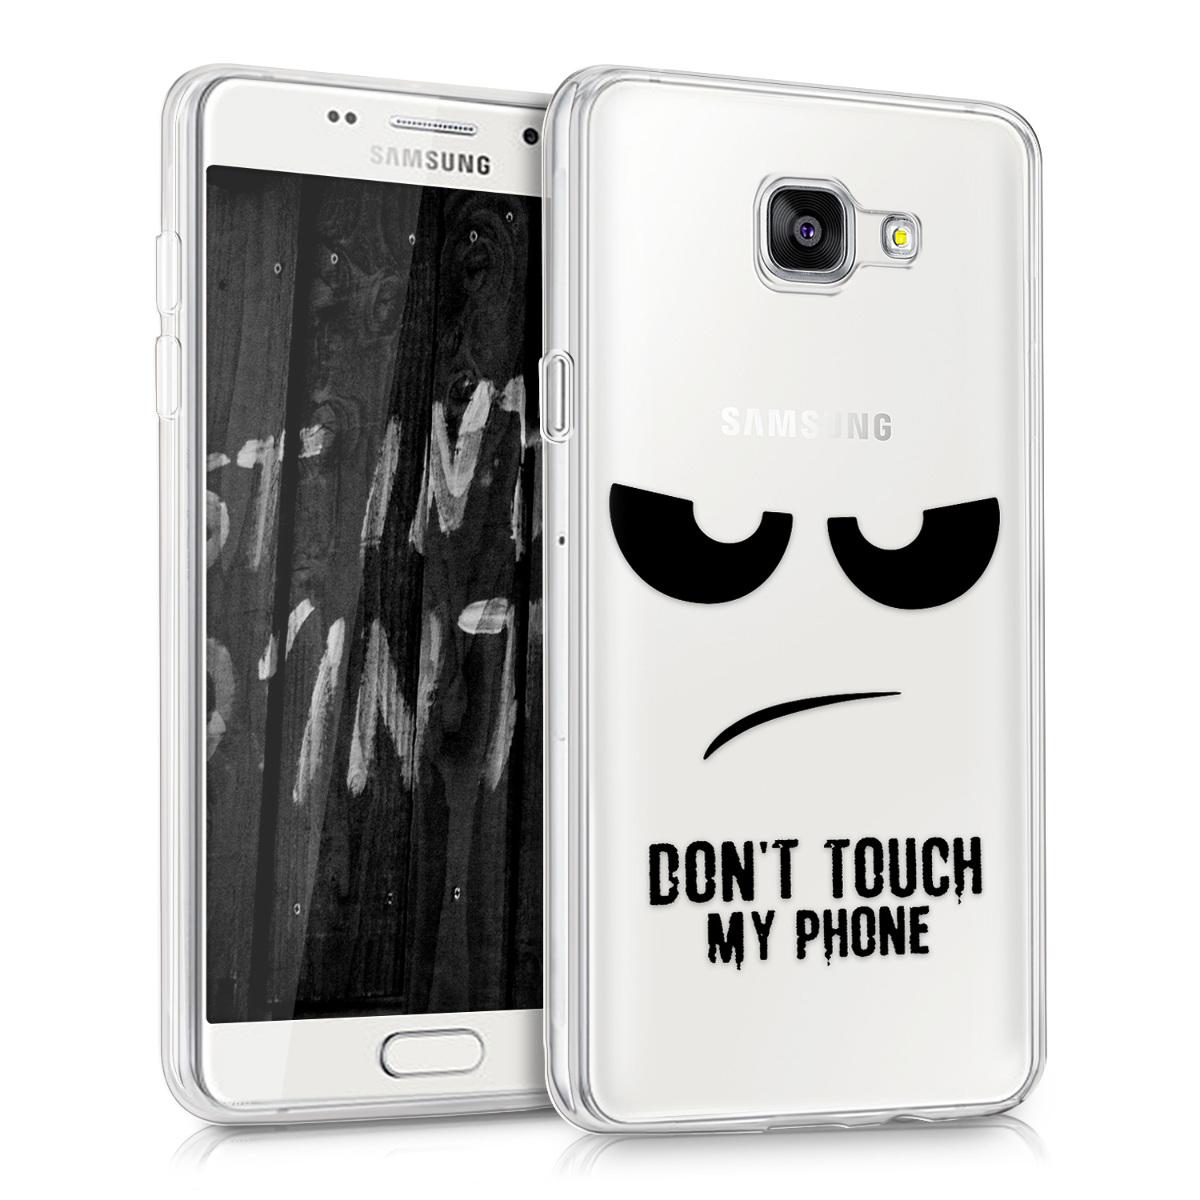 Kvalitní silikonové TPU pouzdro pro Samsung A5 (2016) - Do not Touch My Phone černé / transparentní